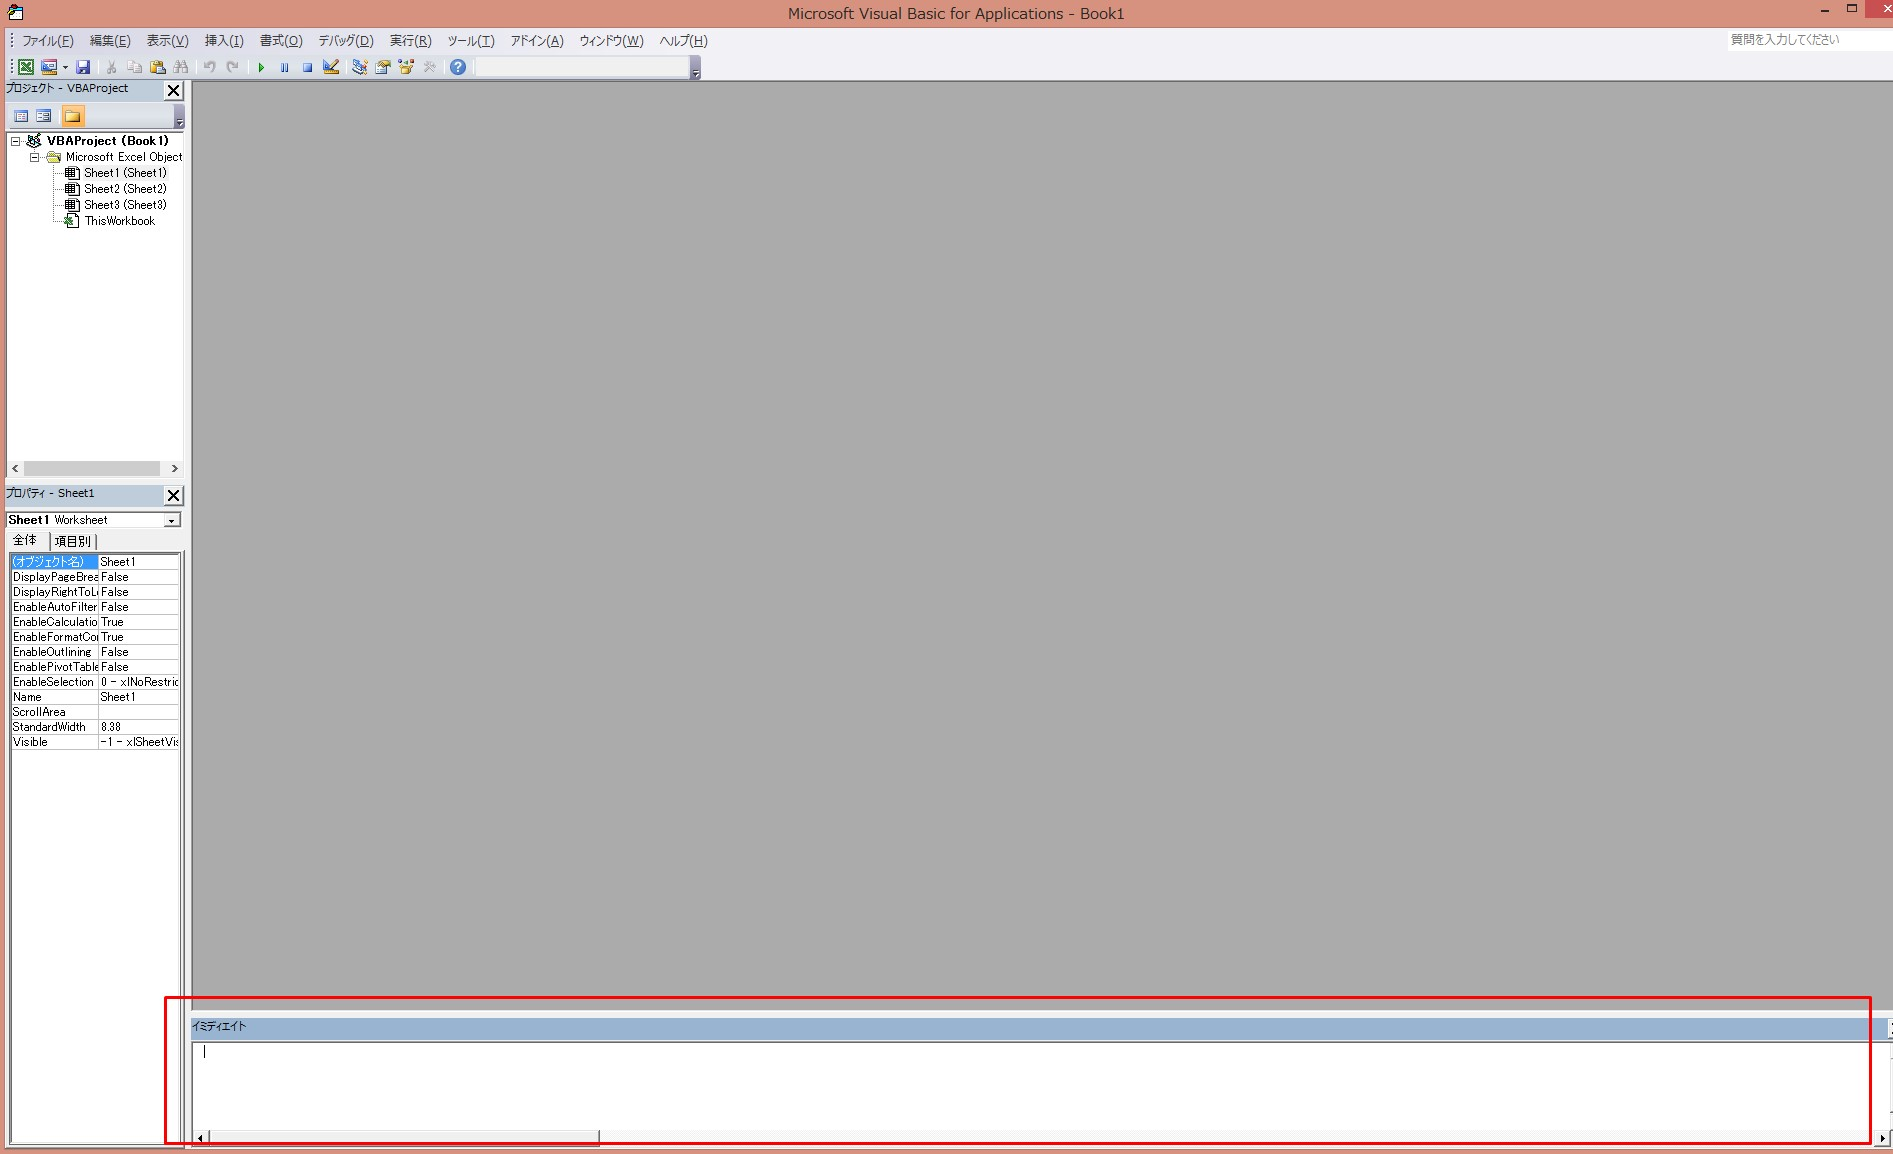 エクセル エンターを押すと文字が消える